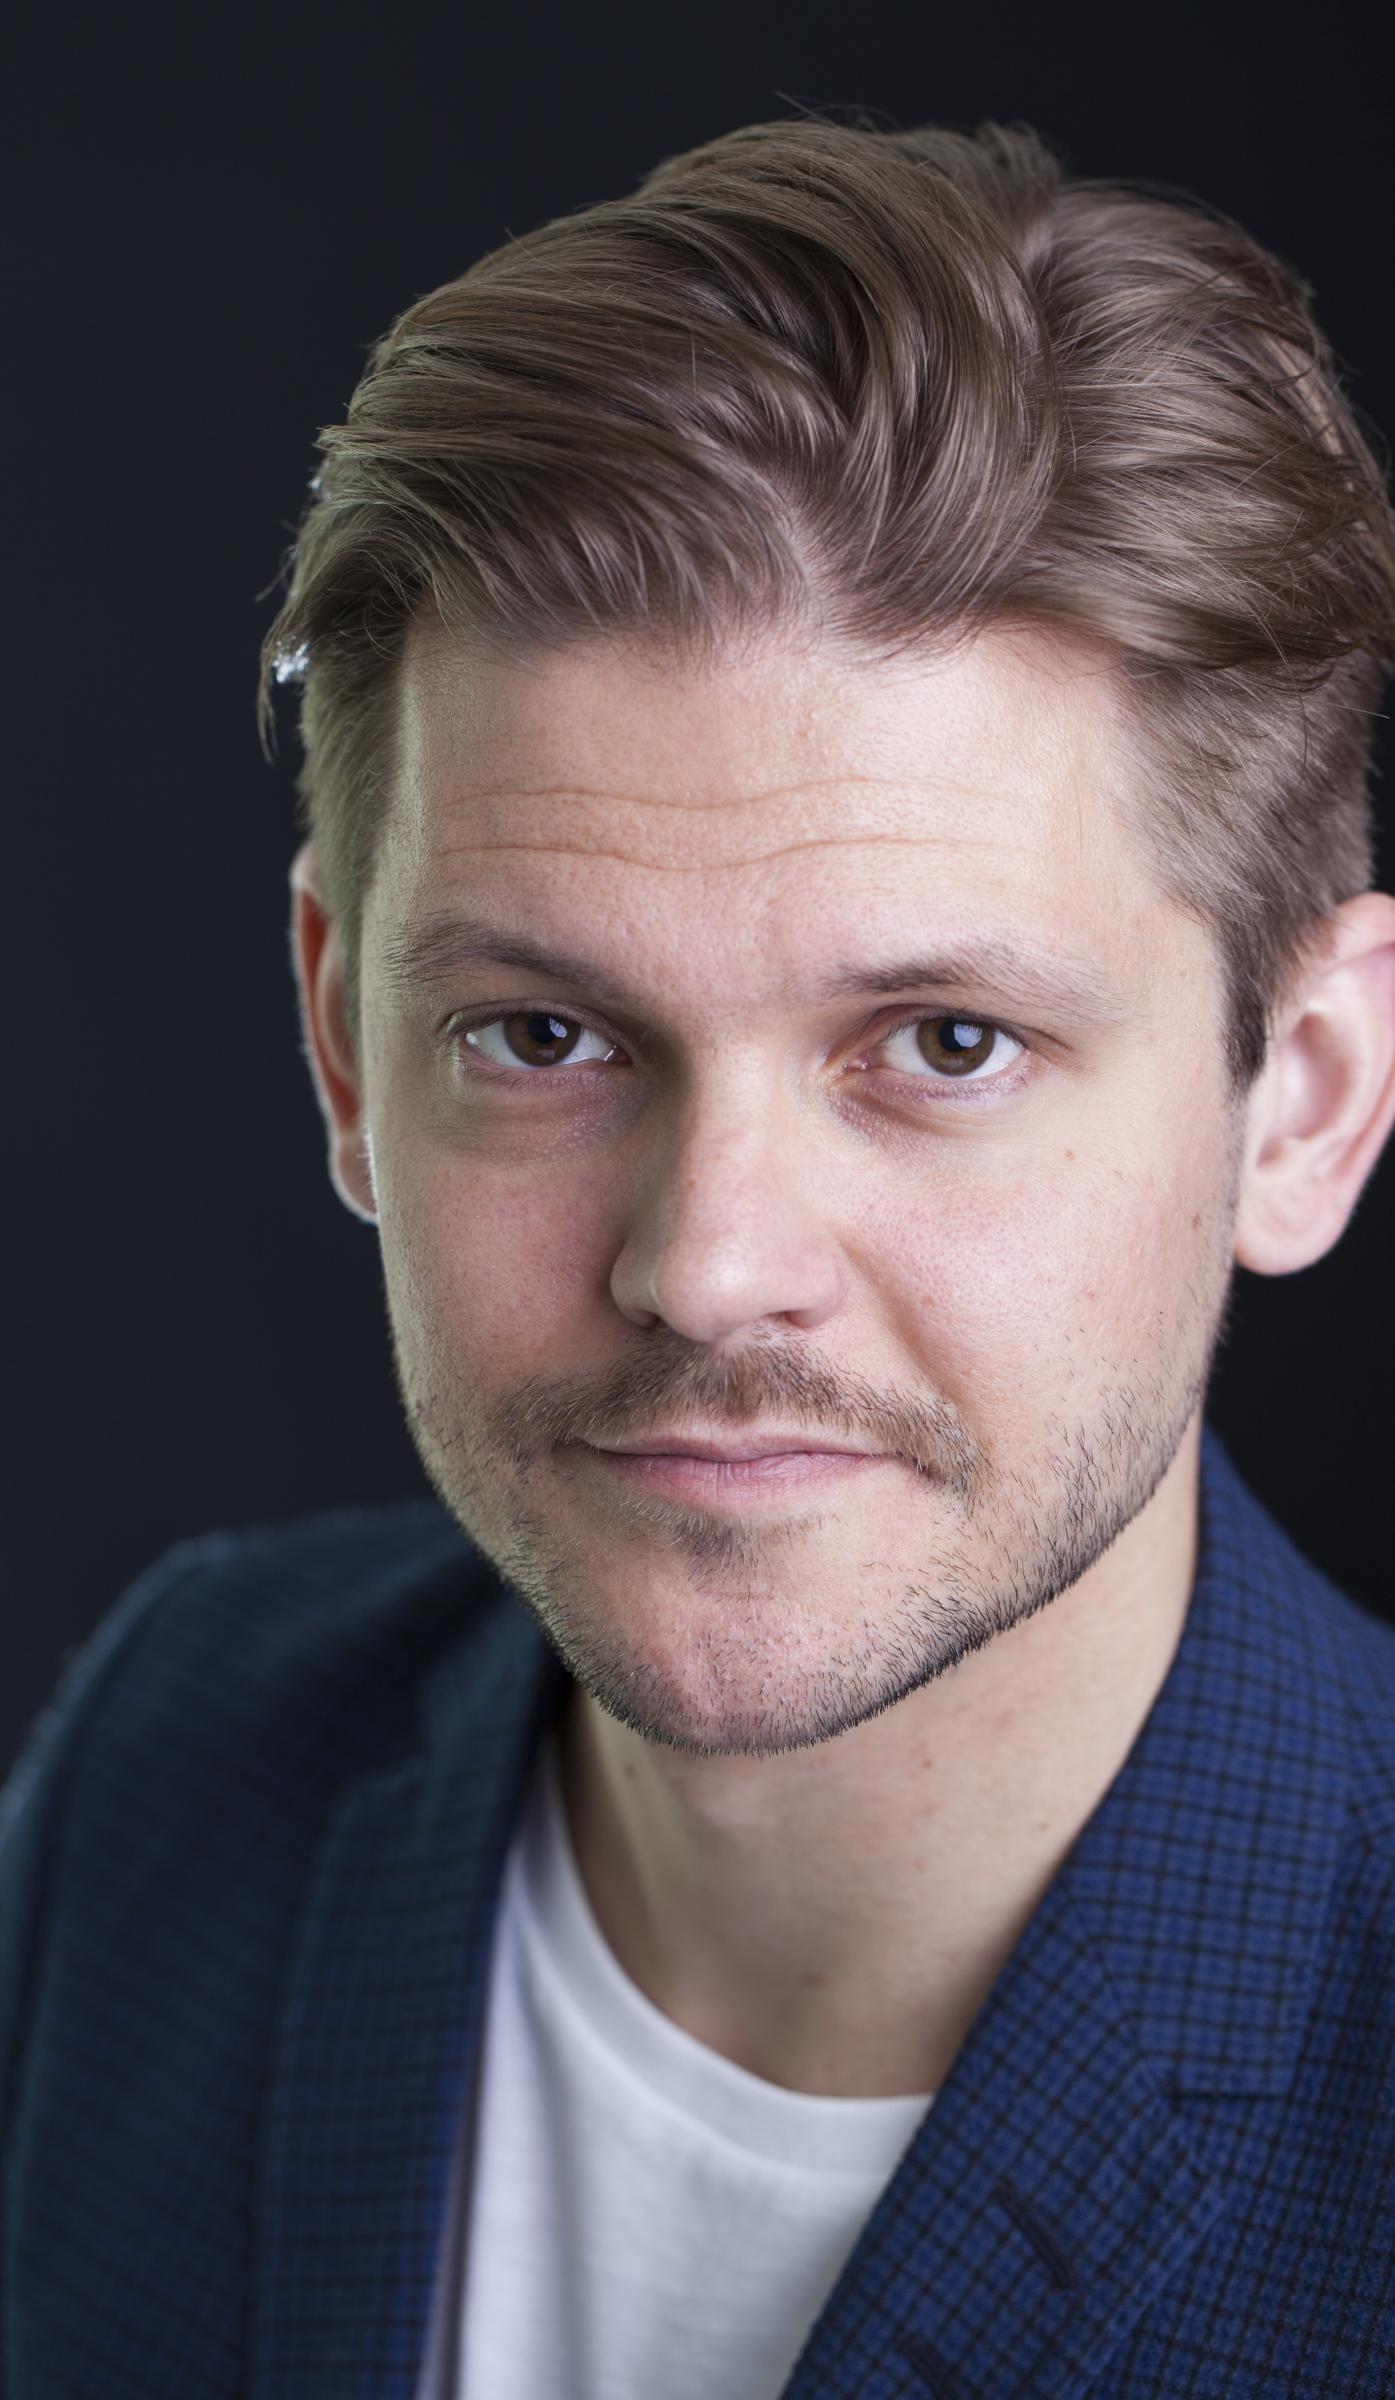 Johan Siberg